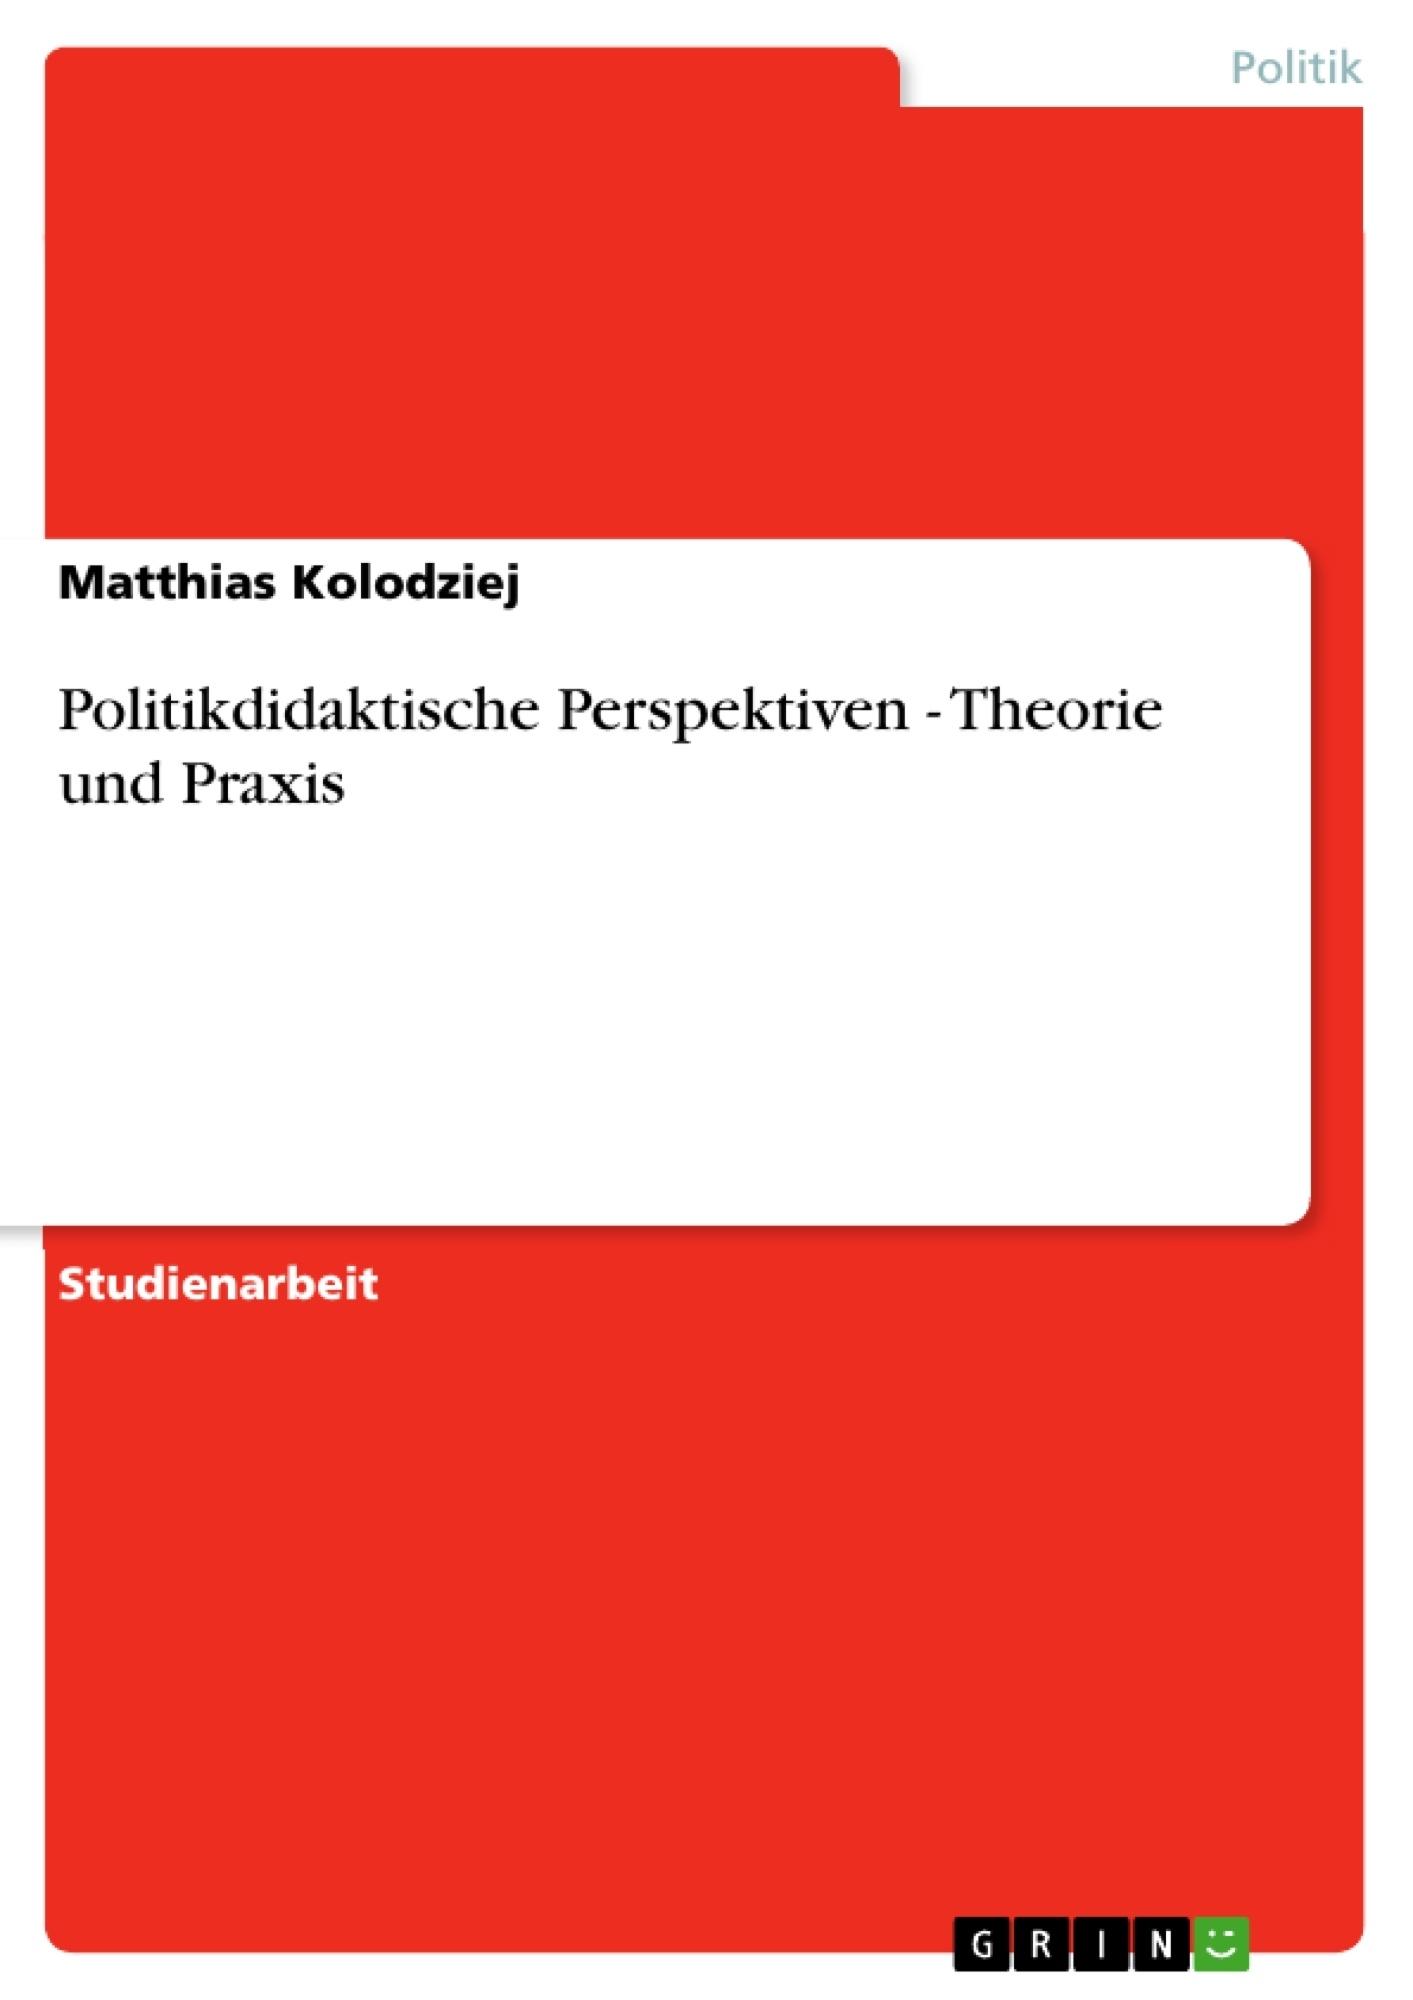 Titel: Politikdidaktische Perspektiven - Theorie und Praxis